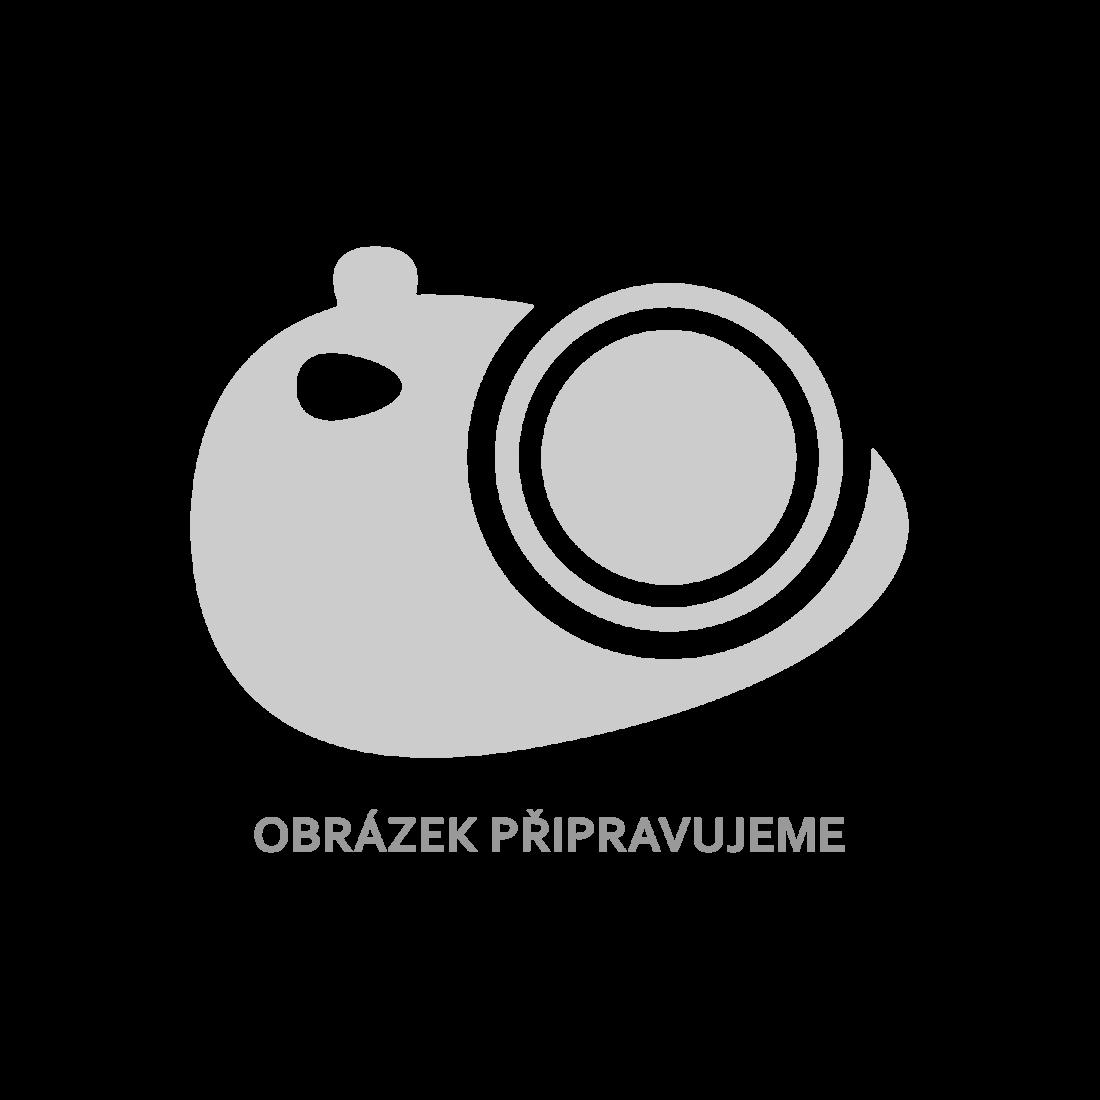 vidaXL Konferenční stolek 110 x 60 x 40 cm MDF [280014]